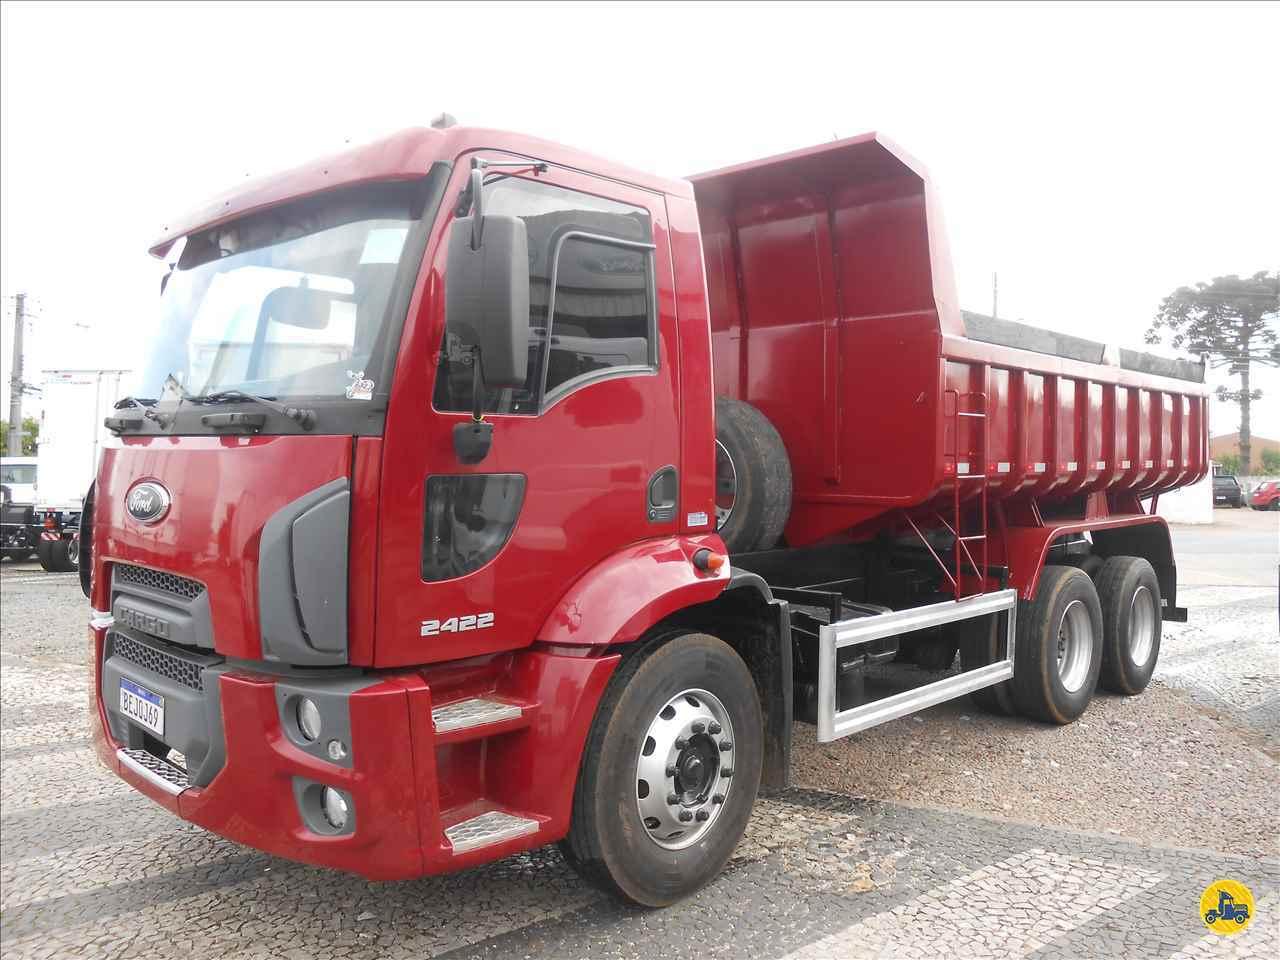 CAMINHAO FORD CARGO 2422 Caçamba Basculante Truck 6x2 Vieira Caminhões CURITIBA PARANÁ PR